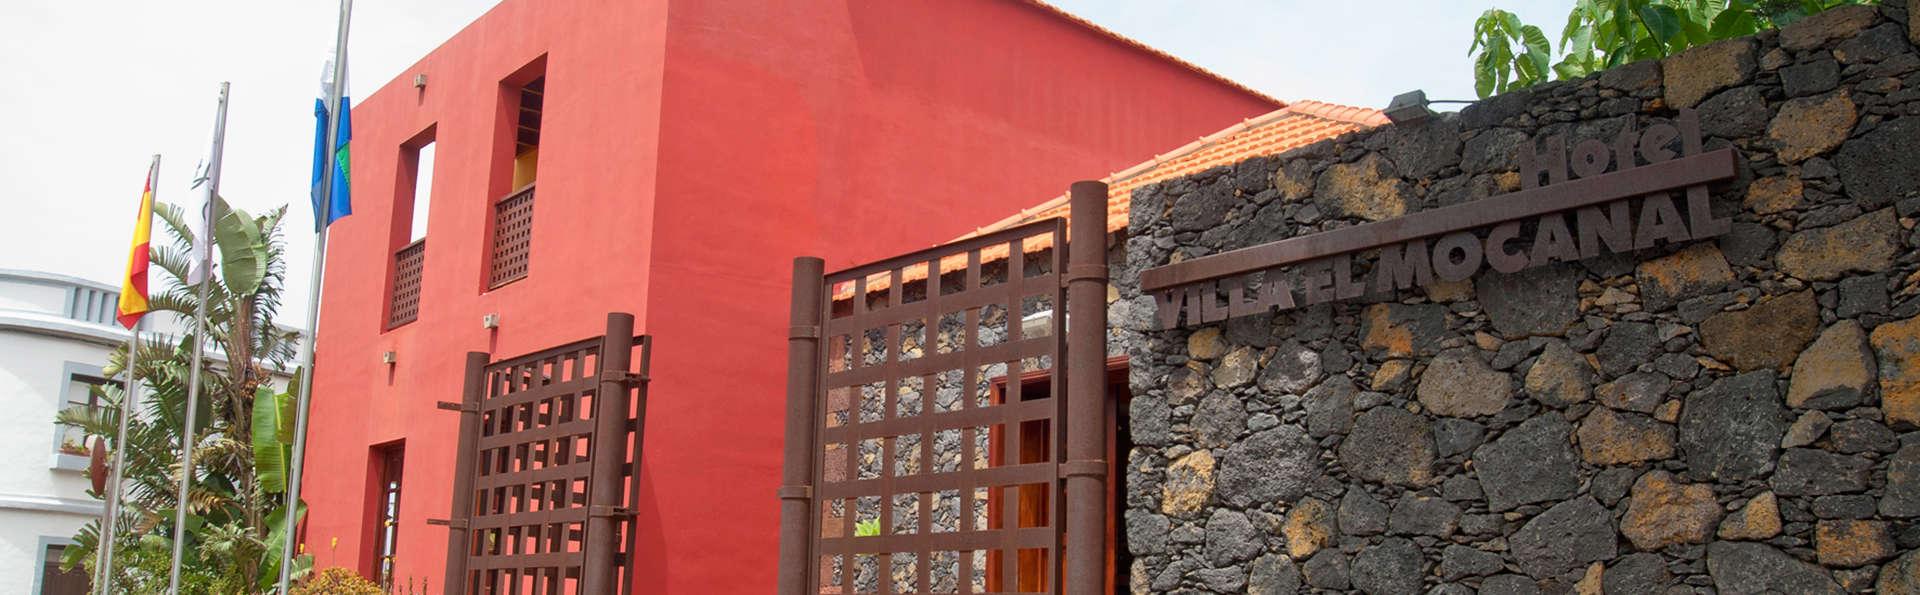 Hotel Villa El Mocanal - edit_facade.jpg